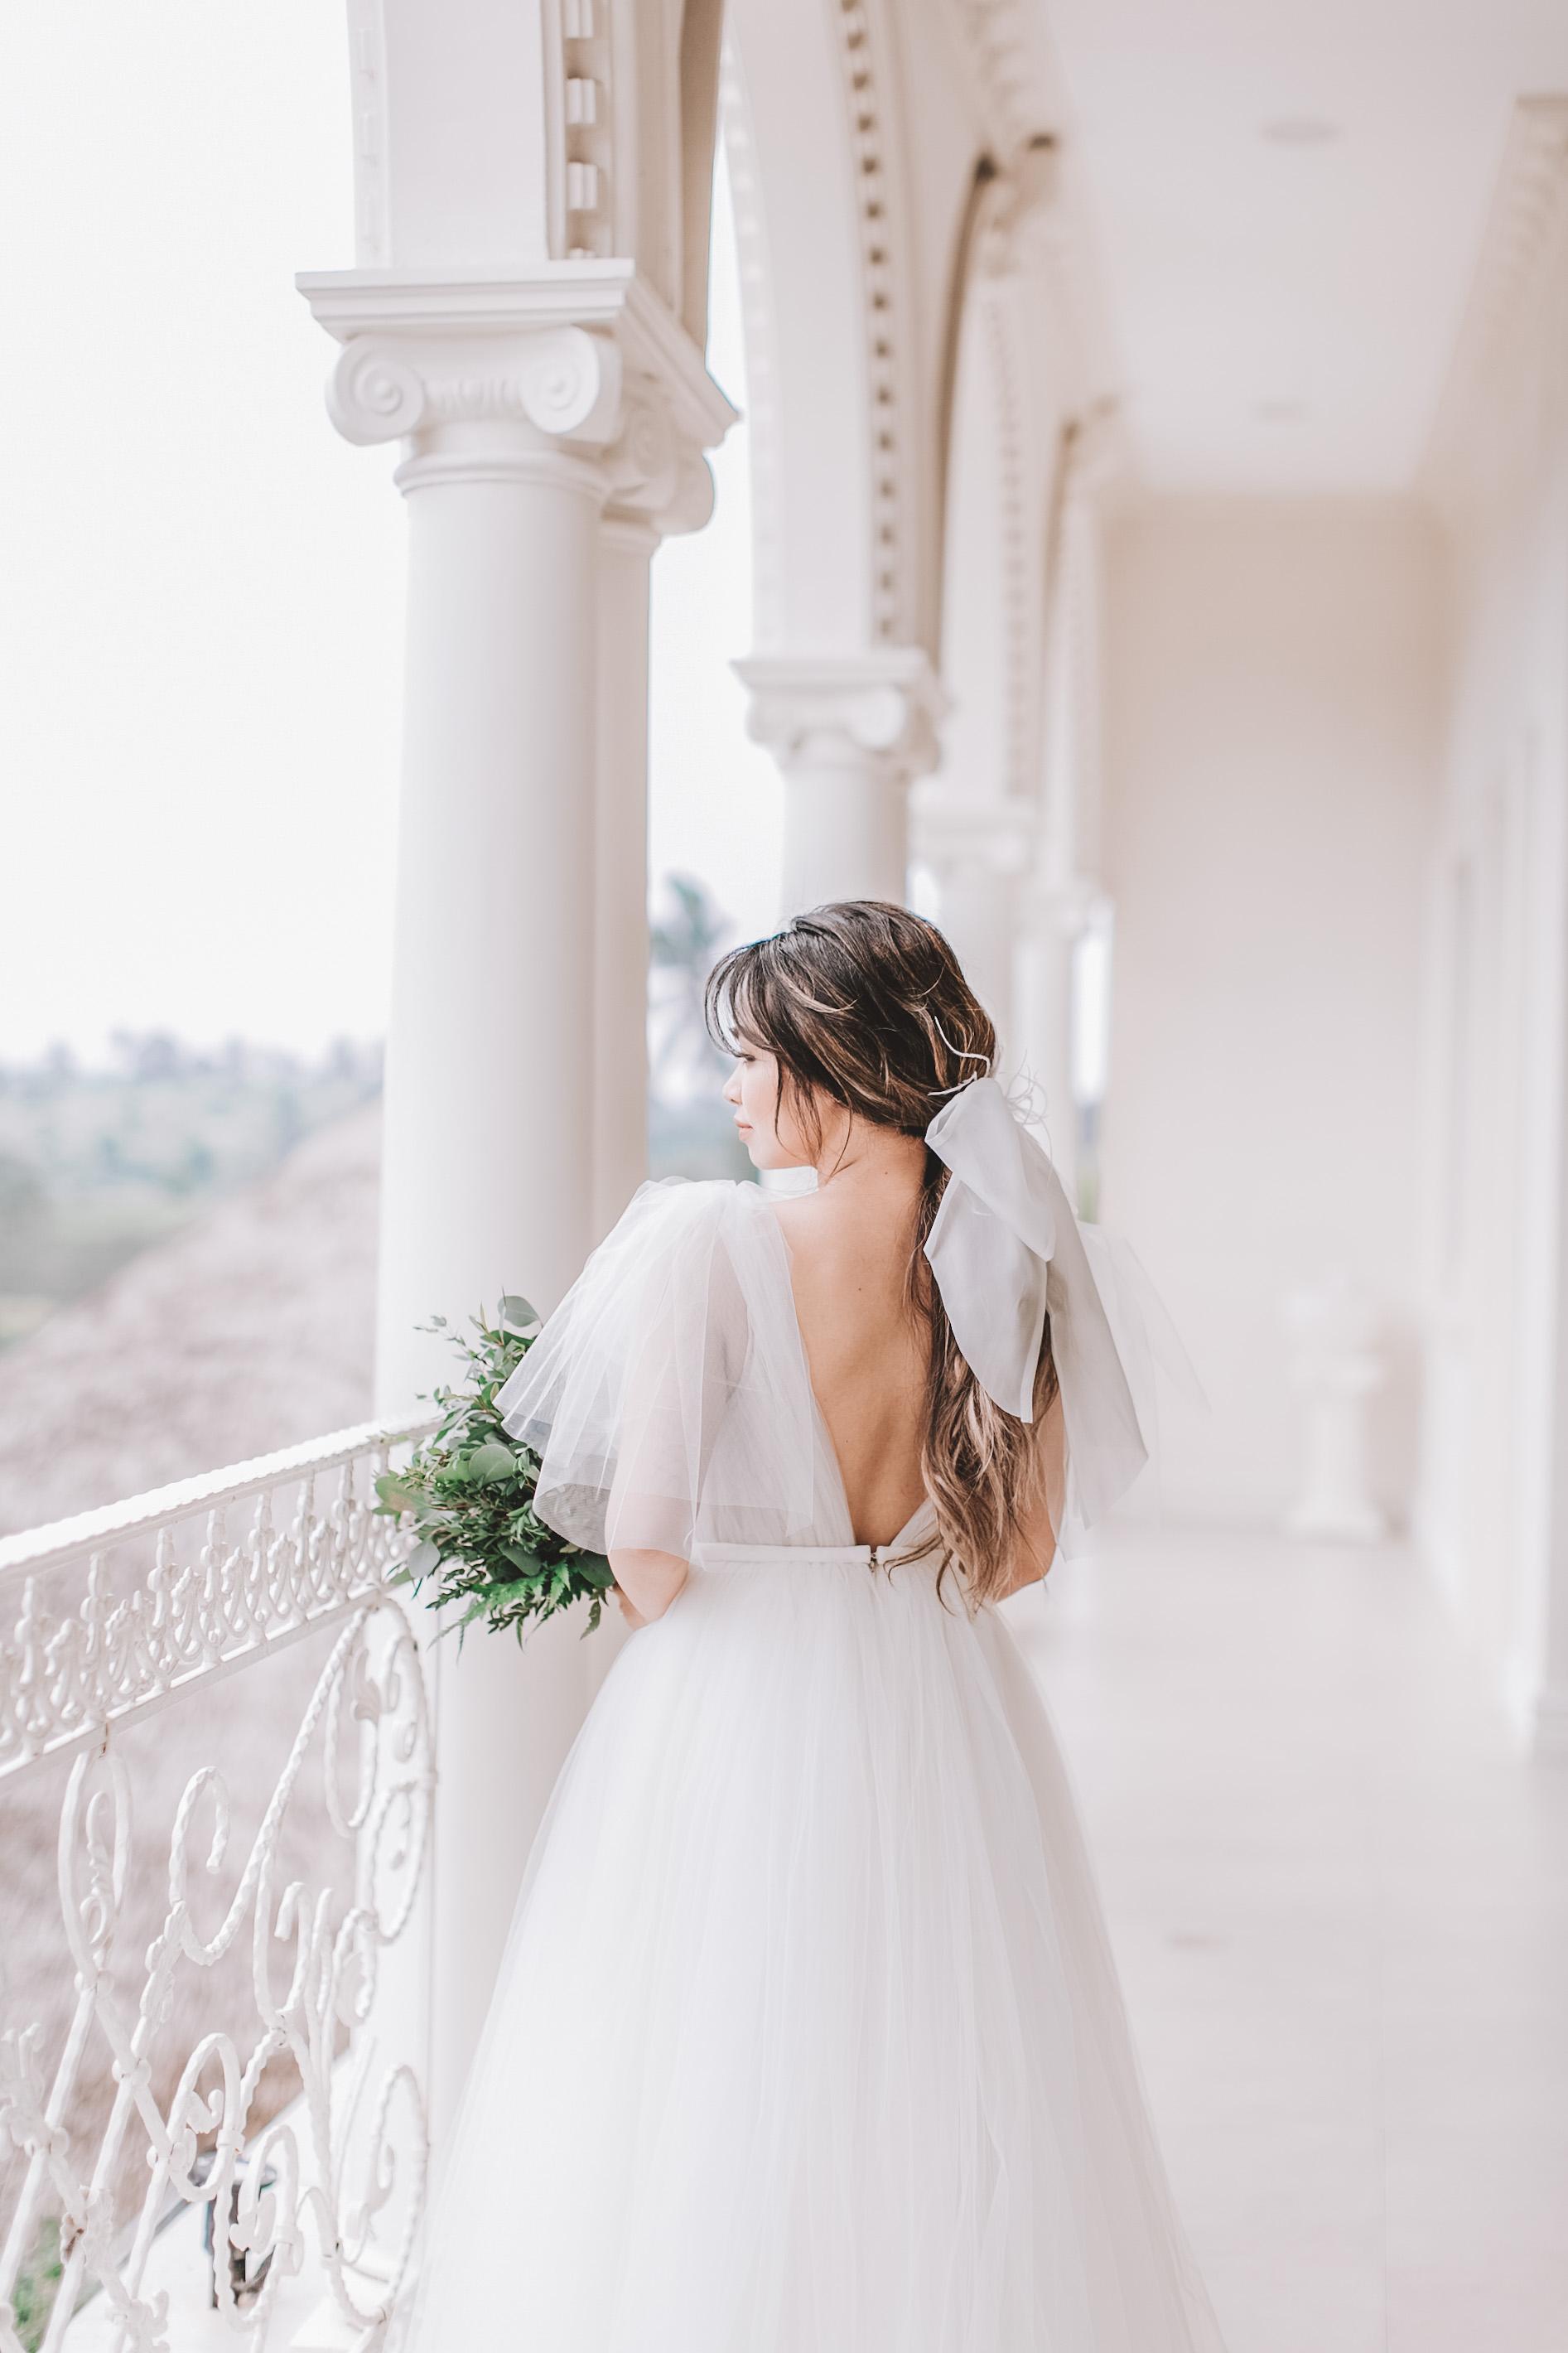 my belo bride experience